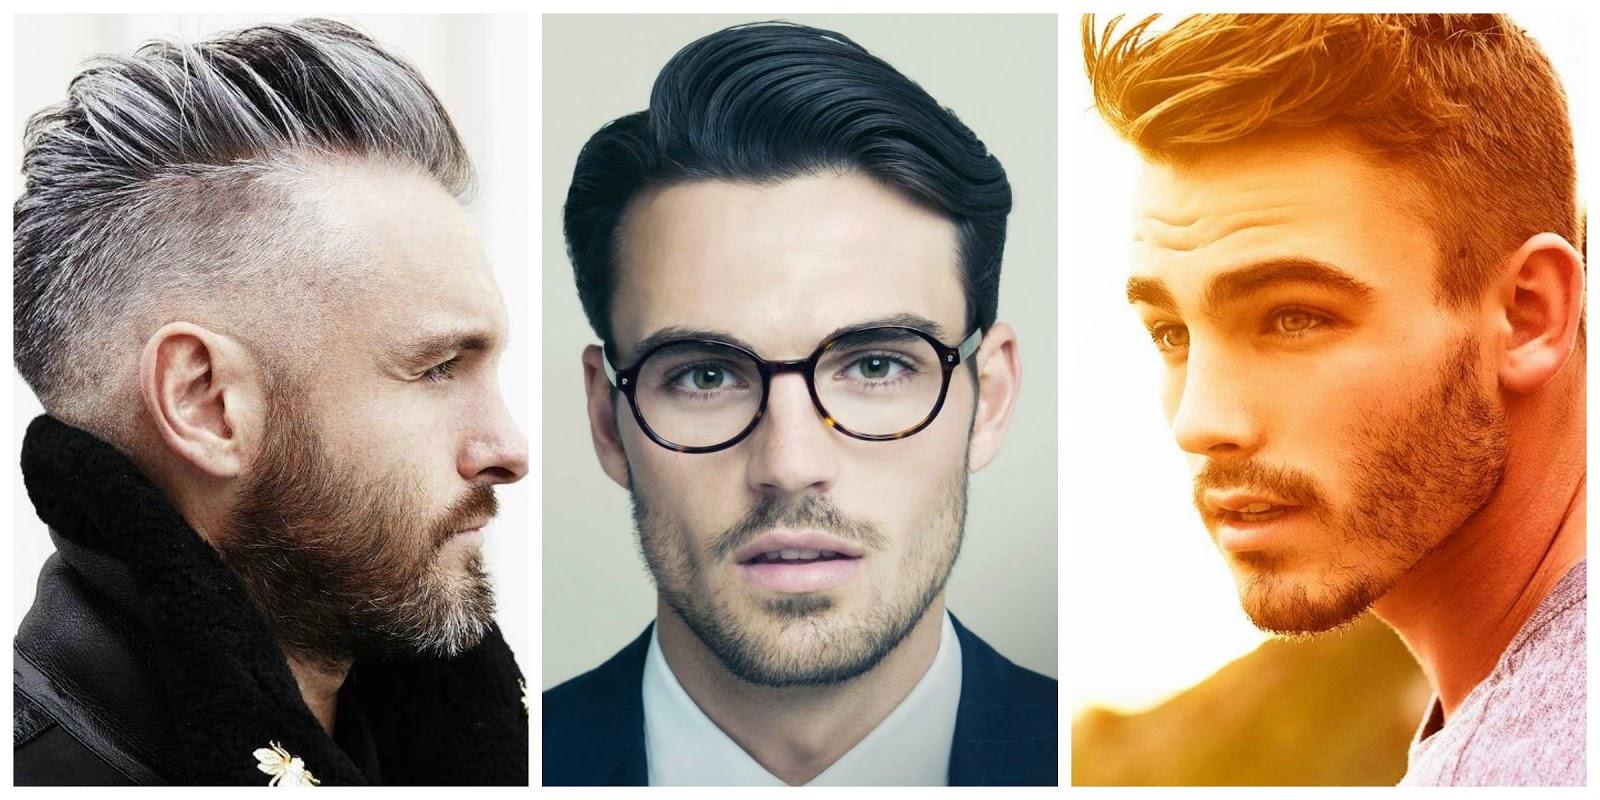 Peinado de hombre el 7